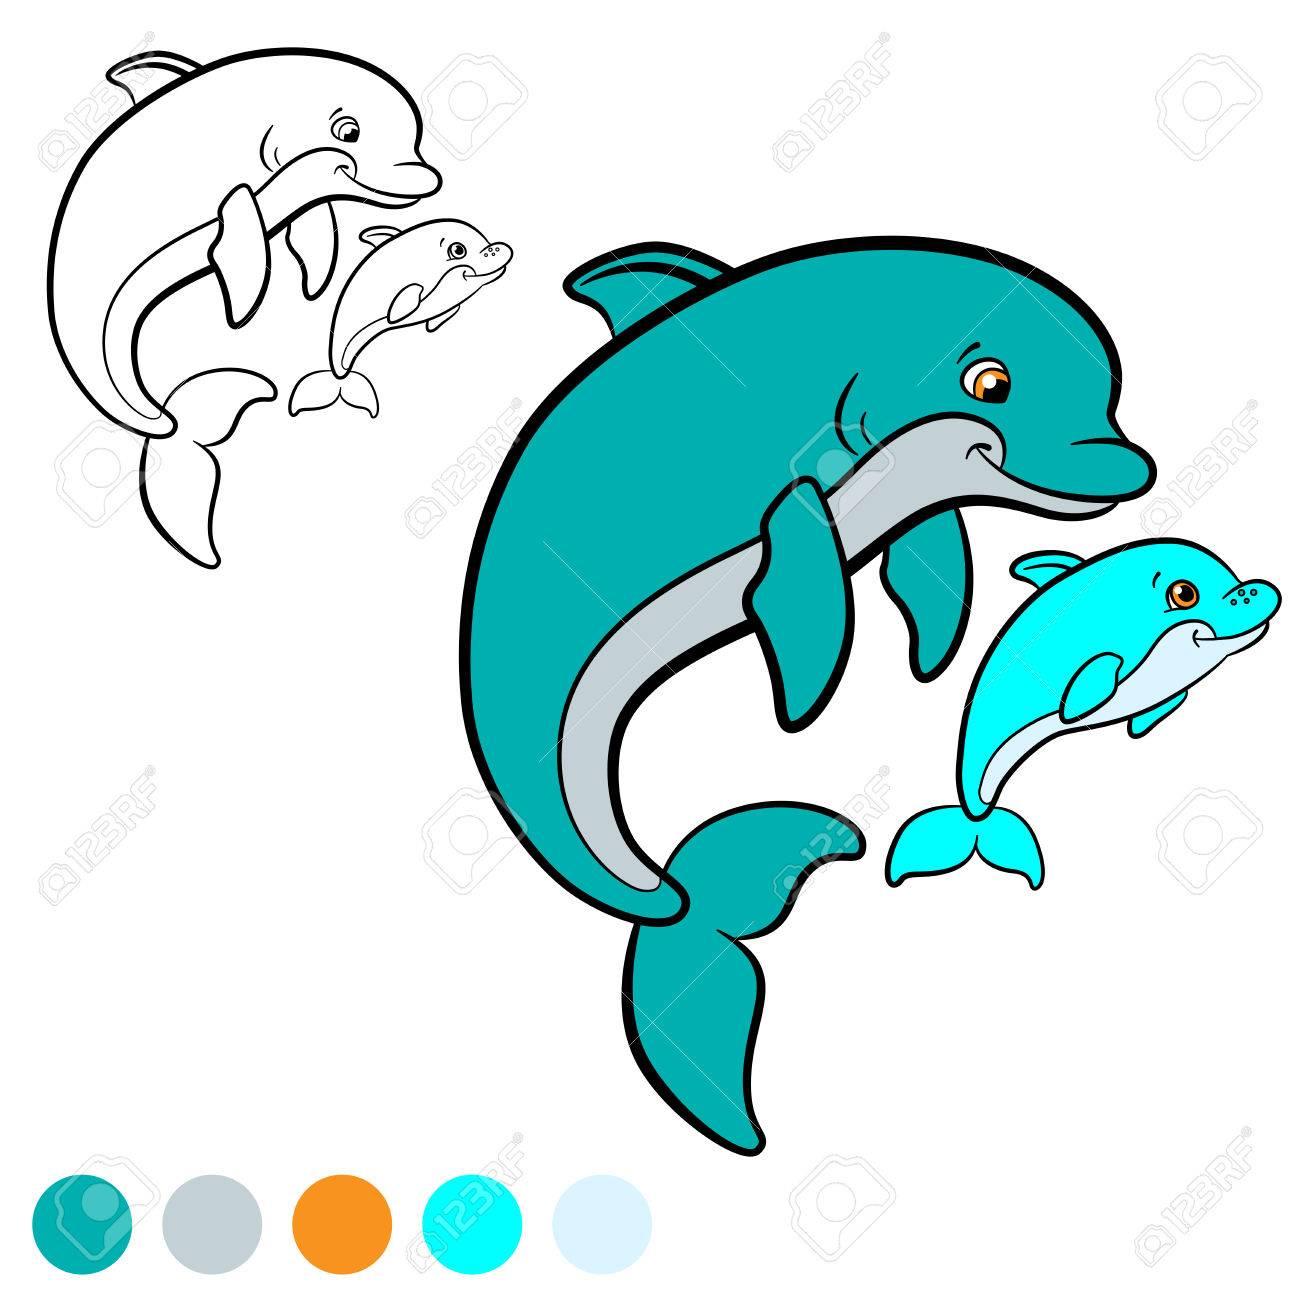 Malvorlage. Färbe Mich: Delphin. Mutter Delphin Schwimmt Mit Ihrem ...